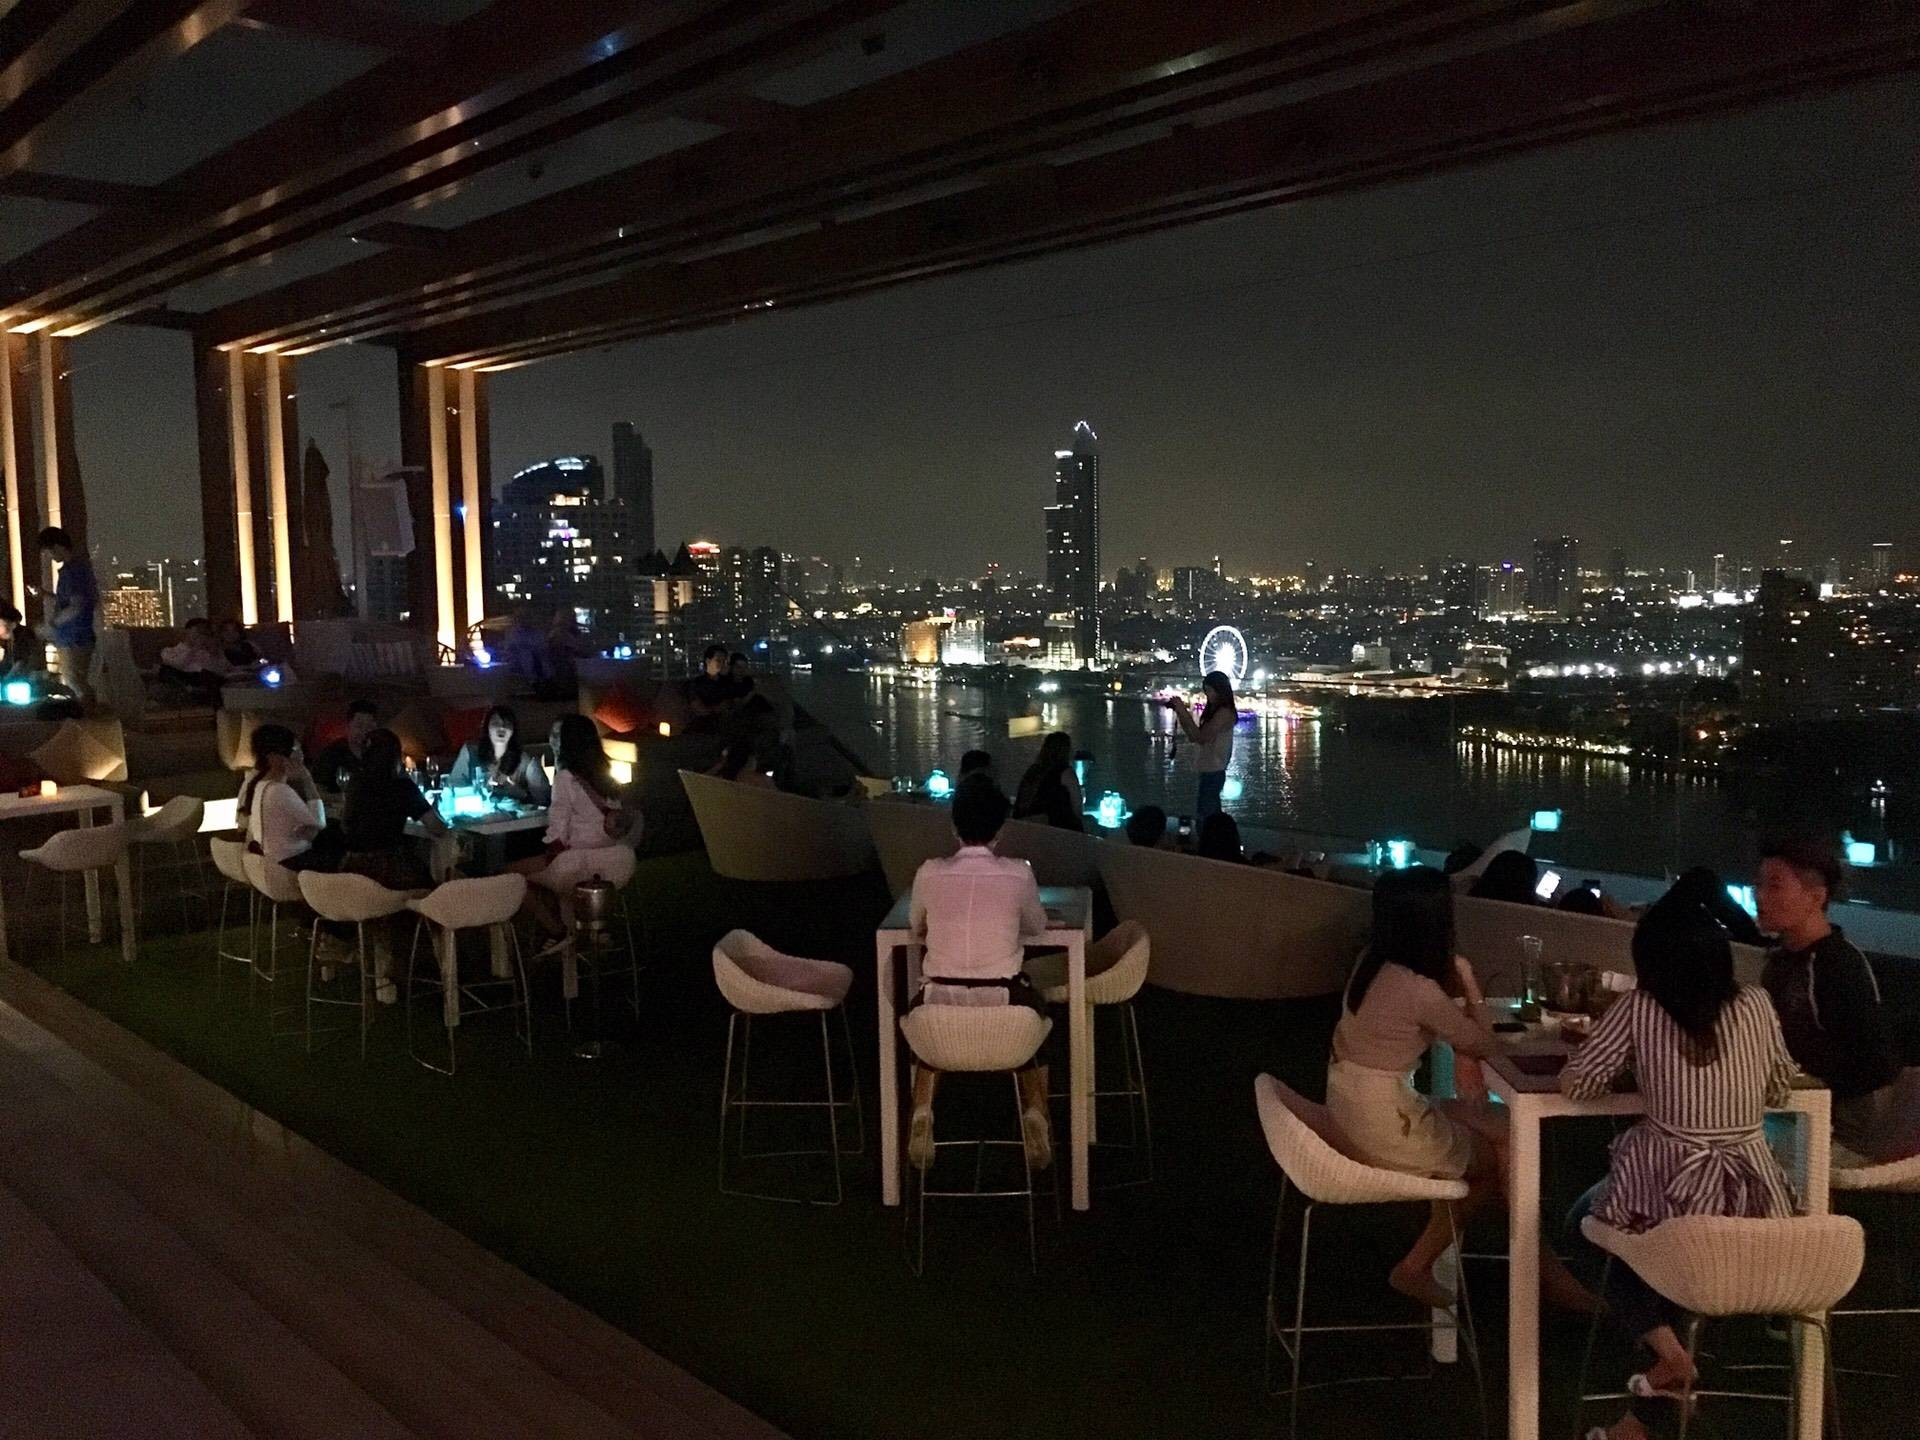 ATTITUDE ROOFTOP BAR & RESTAURANT Avani Hotel